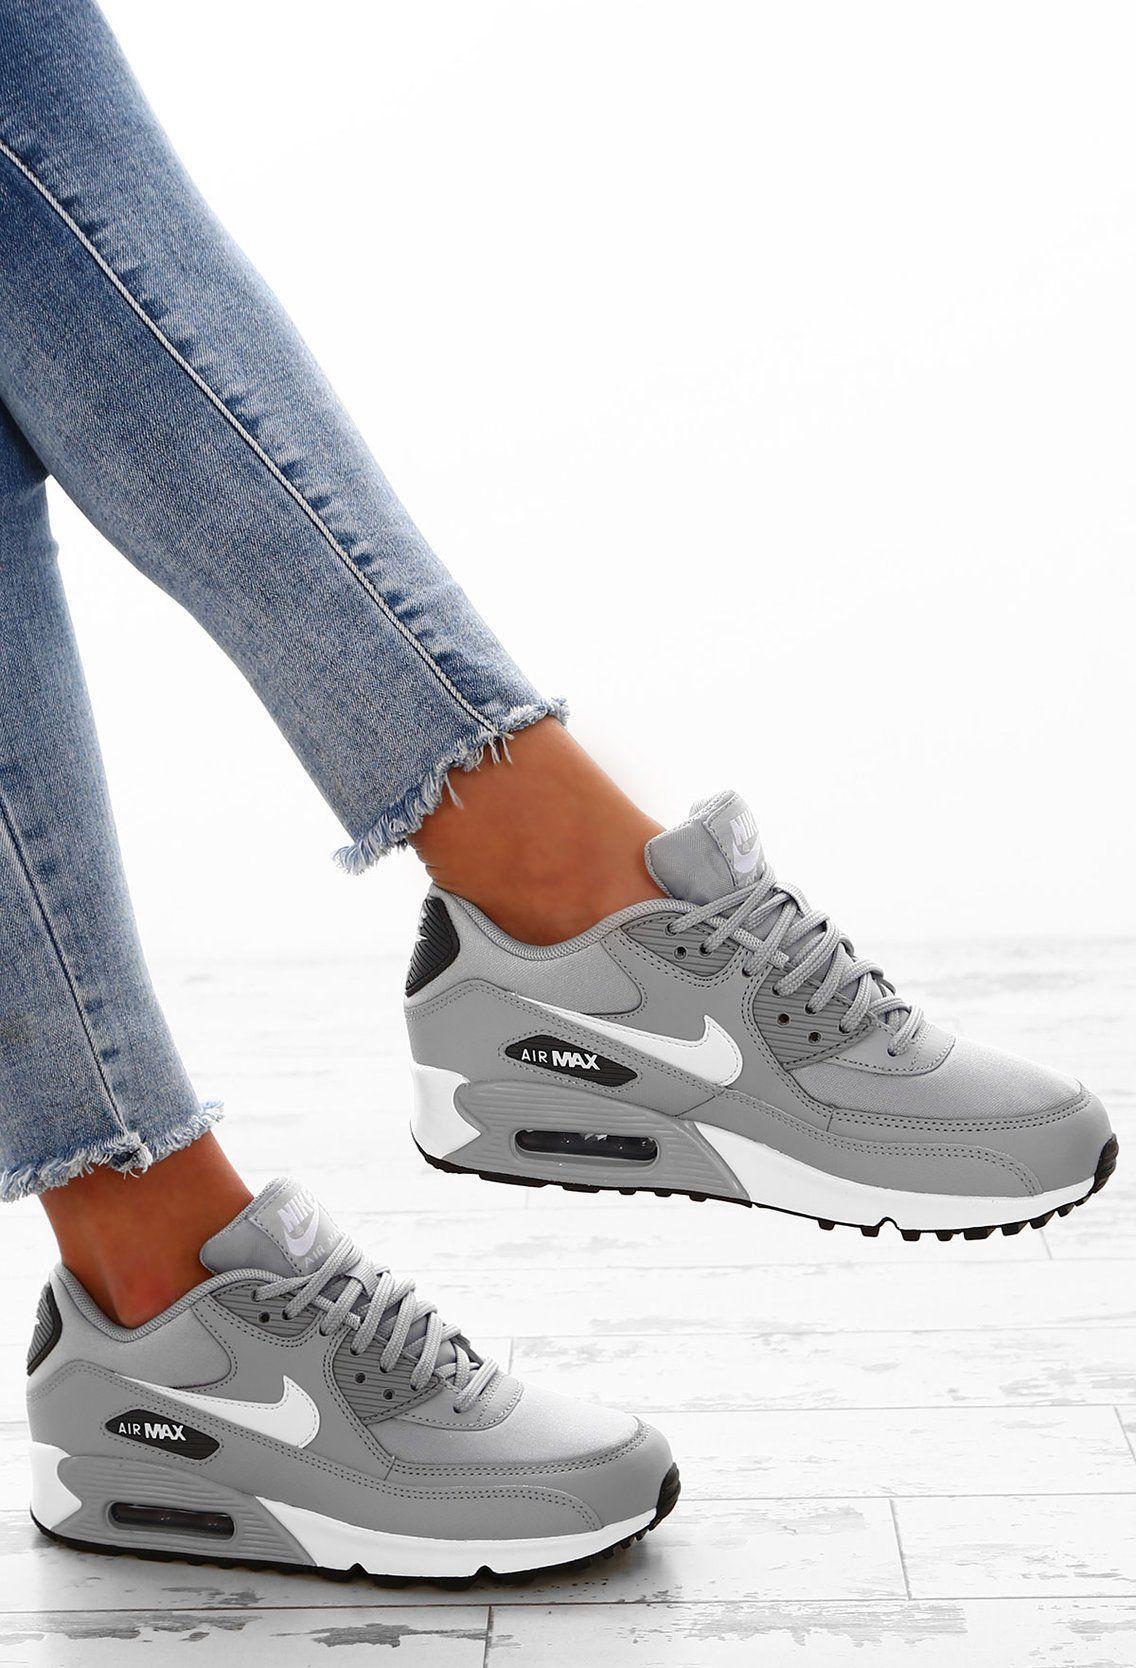 Nike Air Max 90 Grey Trainers Air Grey Max Nike Trainers In 2020 Nike Schuhe Damen Nike Schuhe Grau Nike Schuhe Damen Grau